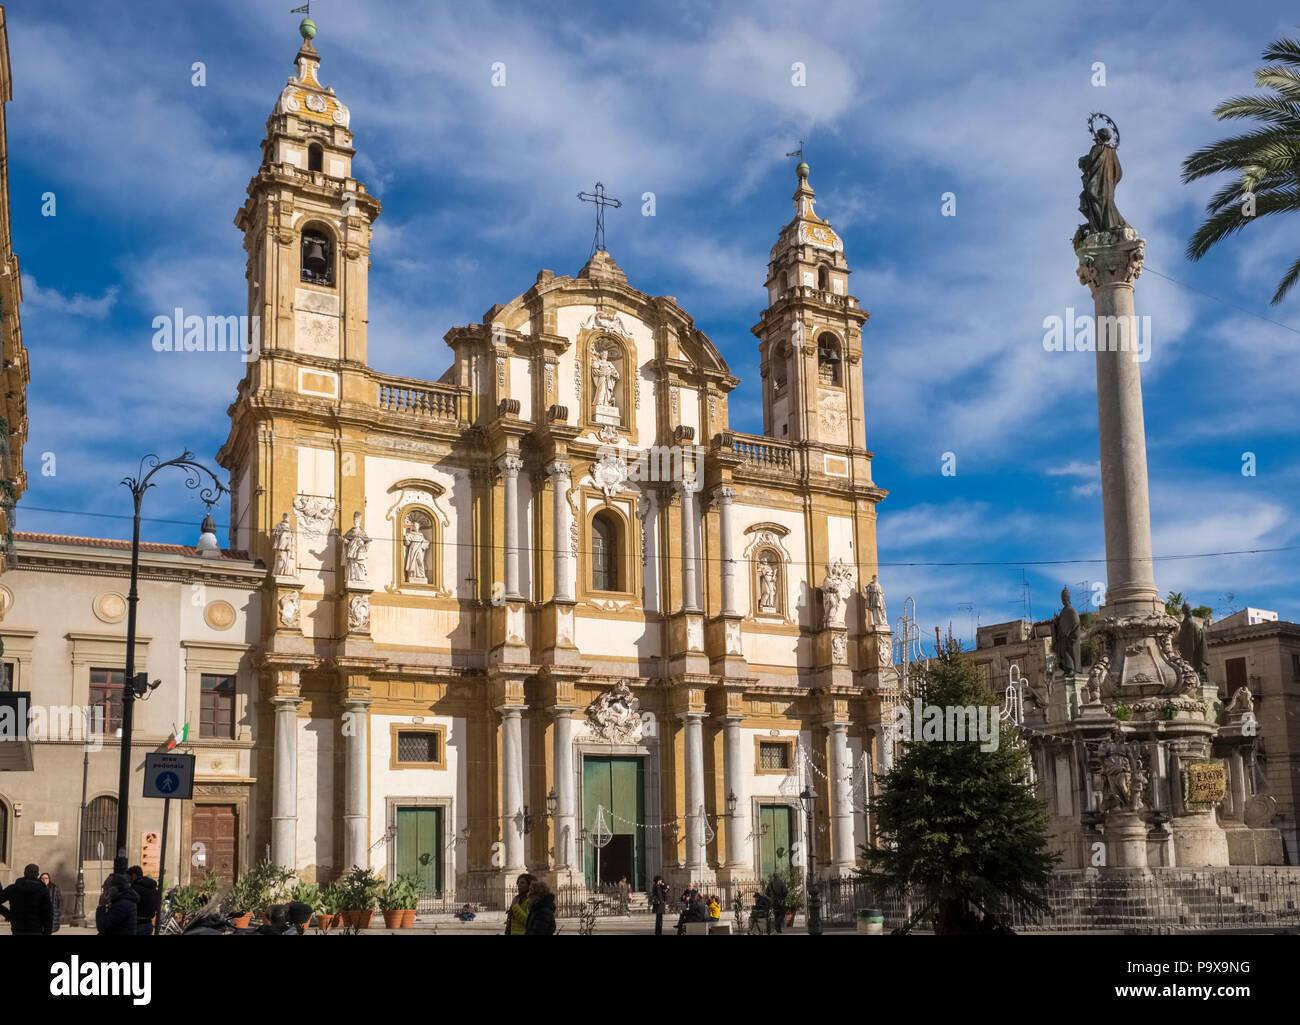 Sicilia chiesa di San Domenico, Palermo, Sicilia, Italia, Europa Immagini Stock